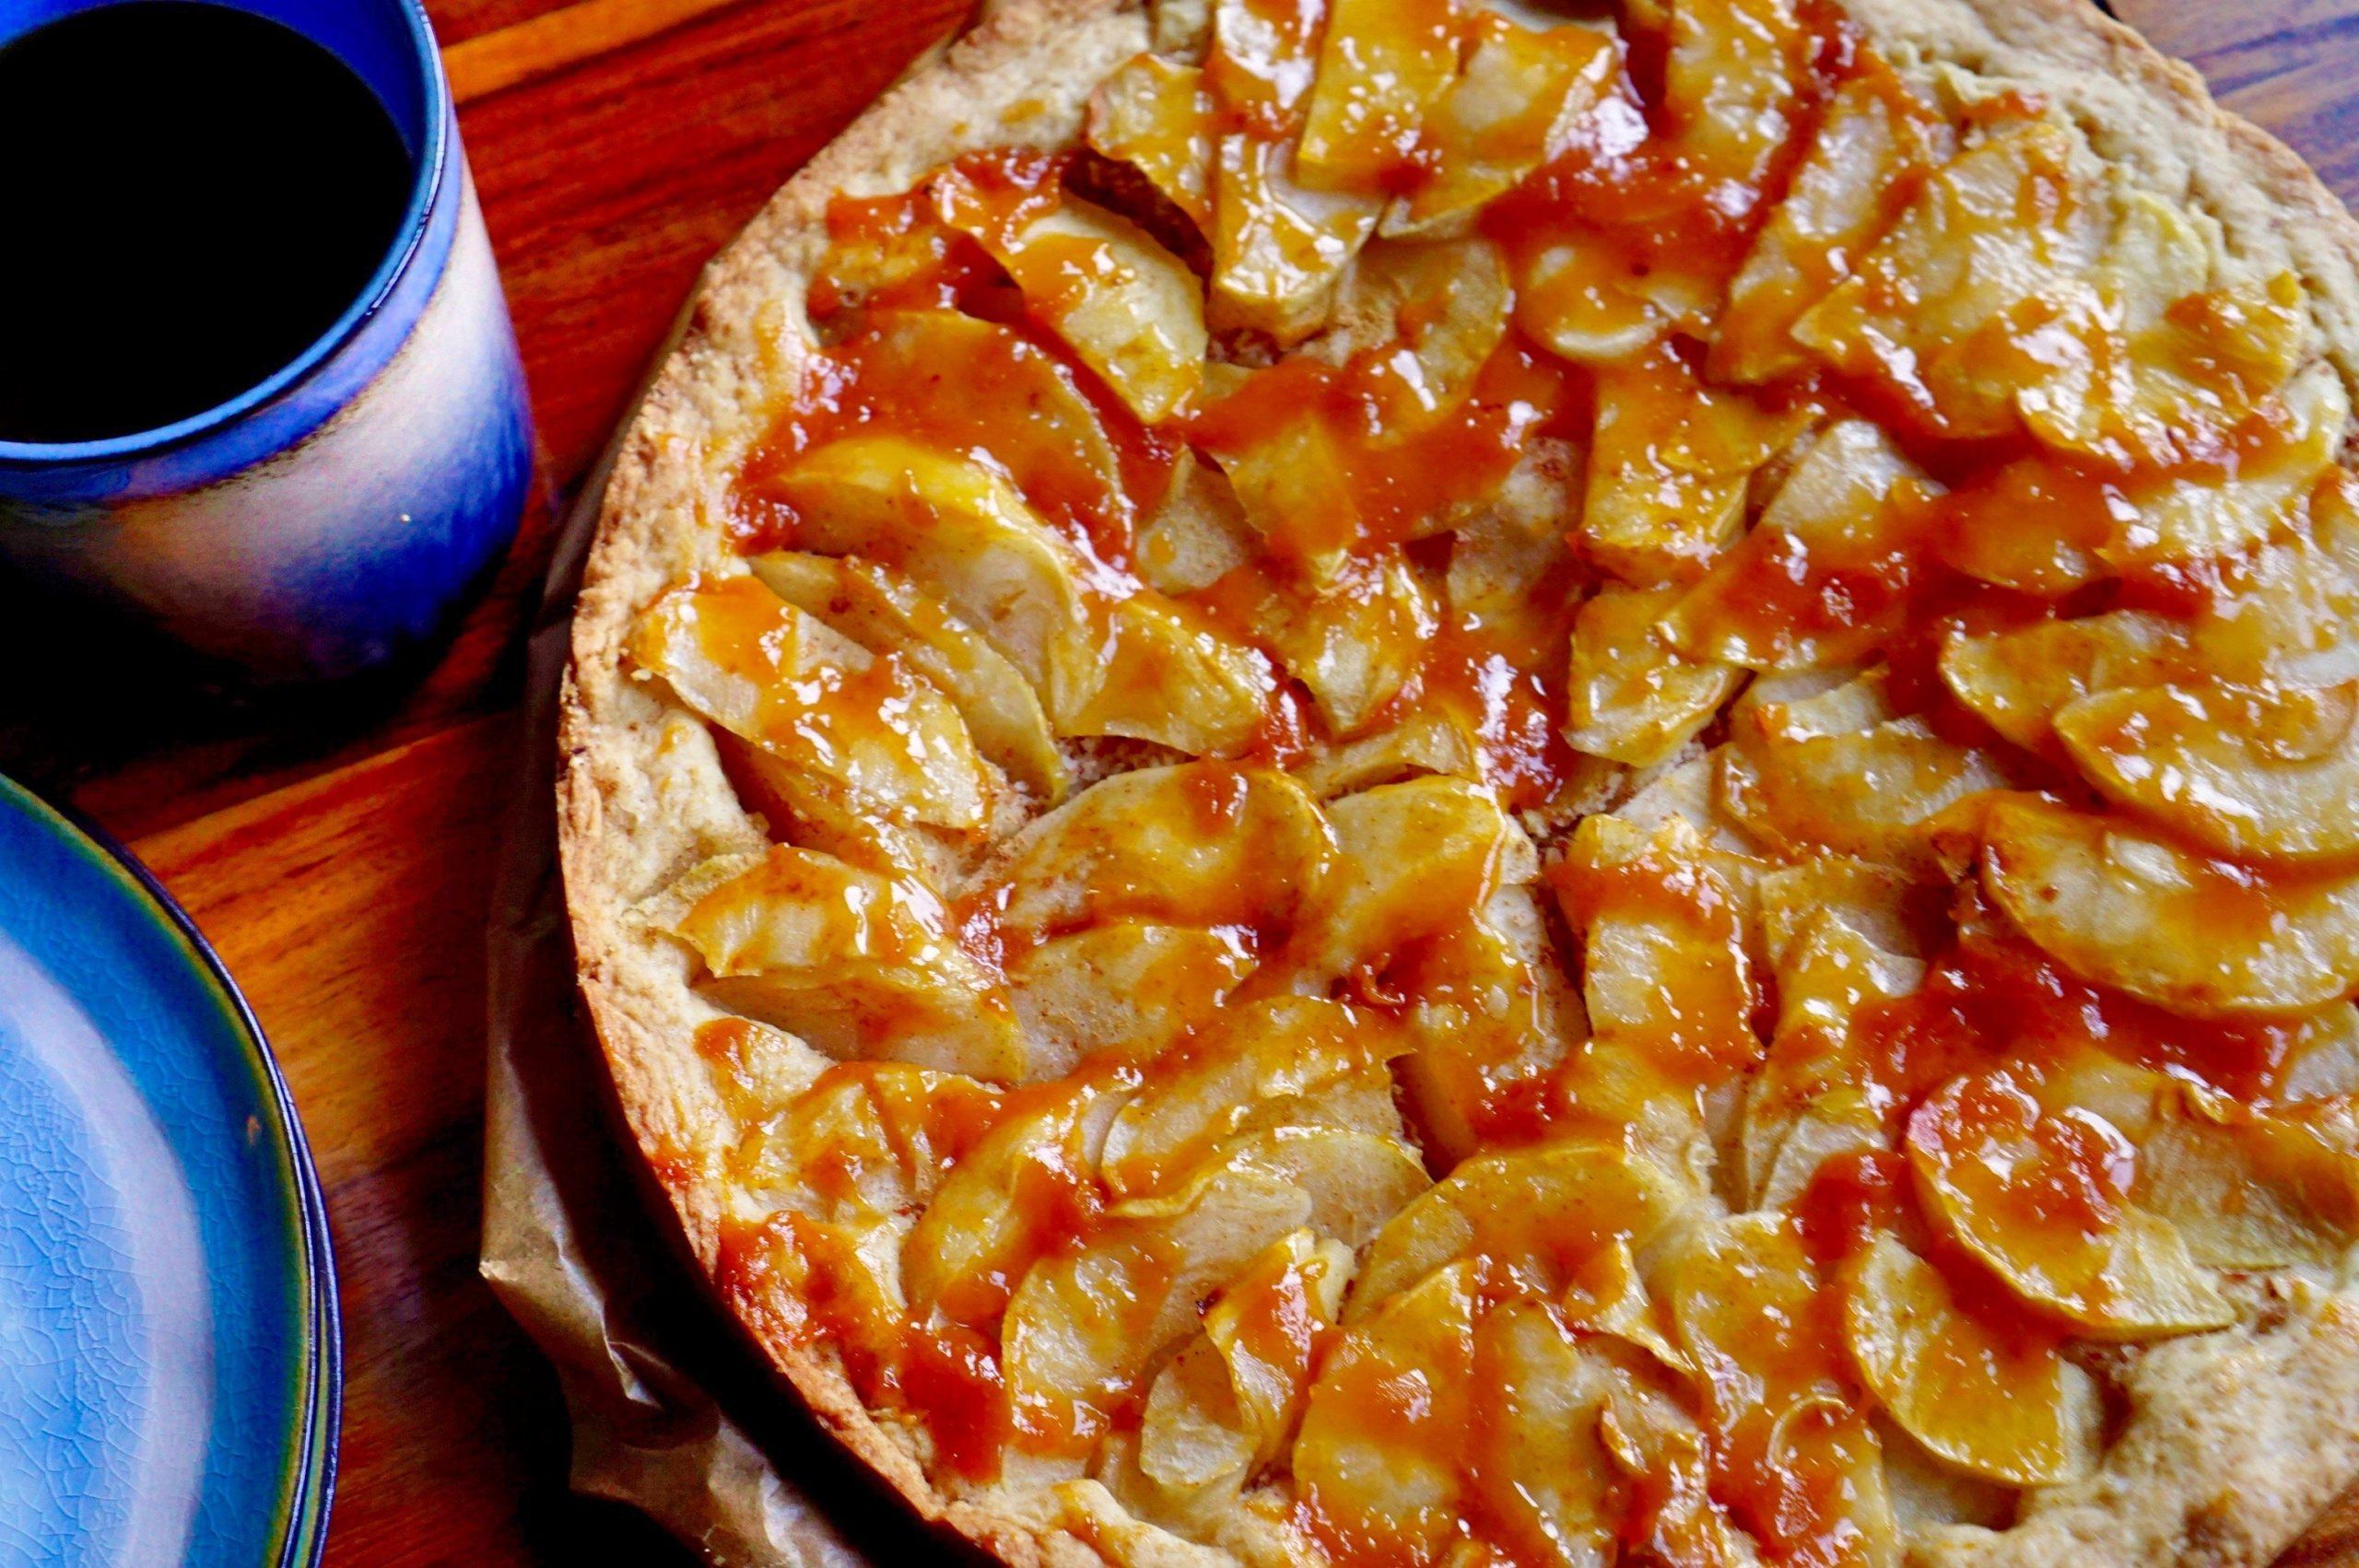 Torta di mele – Italienischer Apfelkuchen